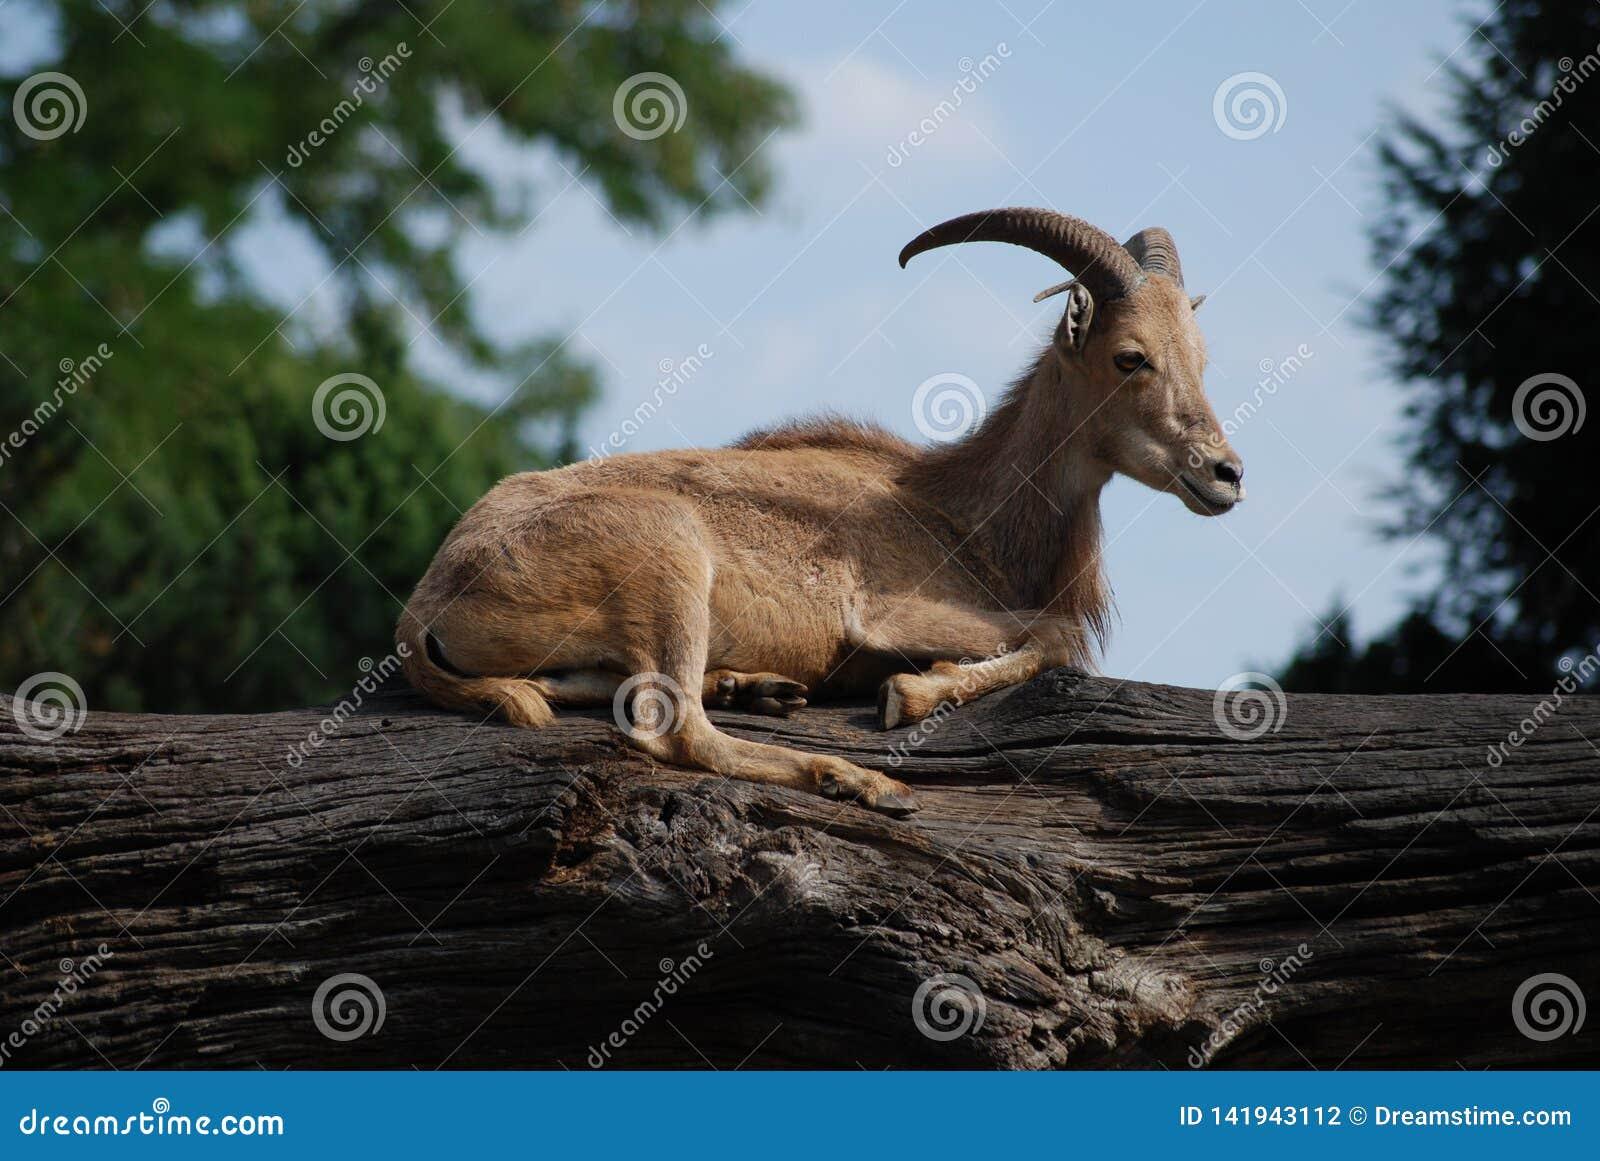 Iberischer weiblicher Steinbock, der auf einem Baumstamm im Zoo stillsteht